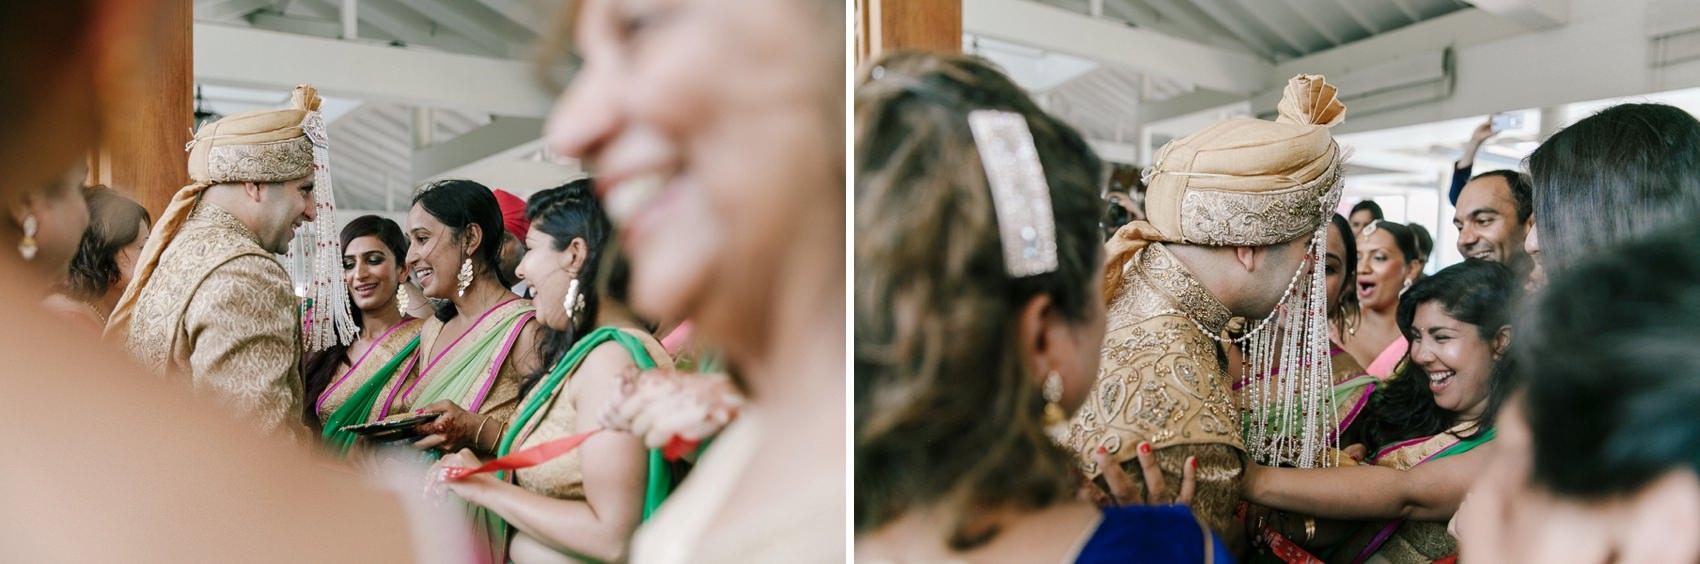 Indian-Wedding-Photography-Maala-Rohan_0190